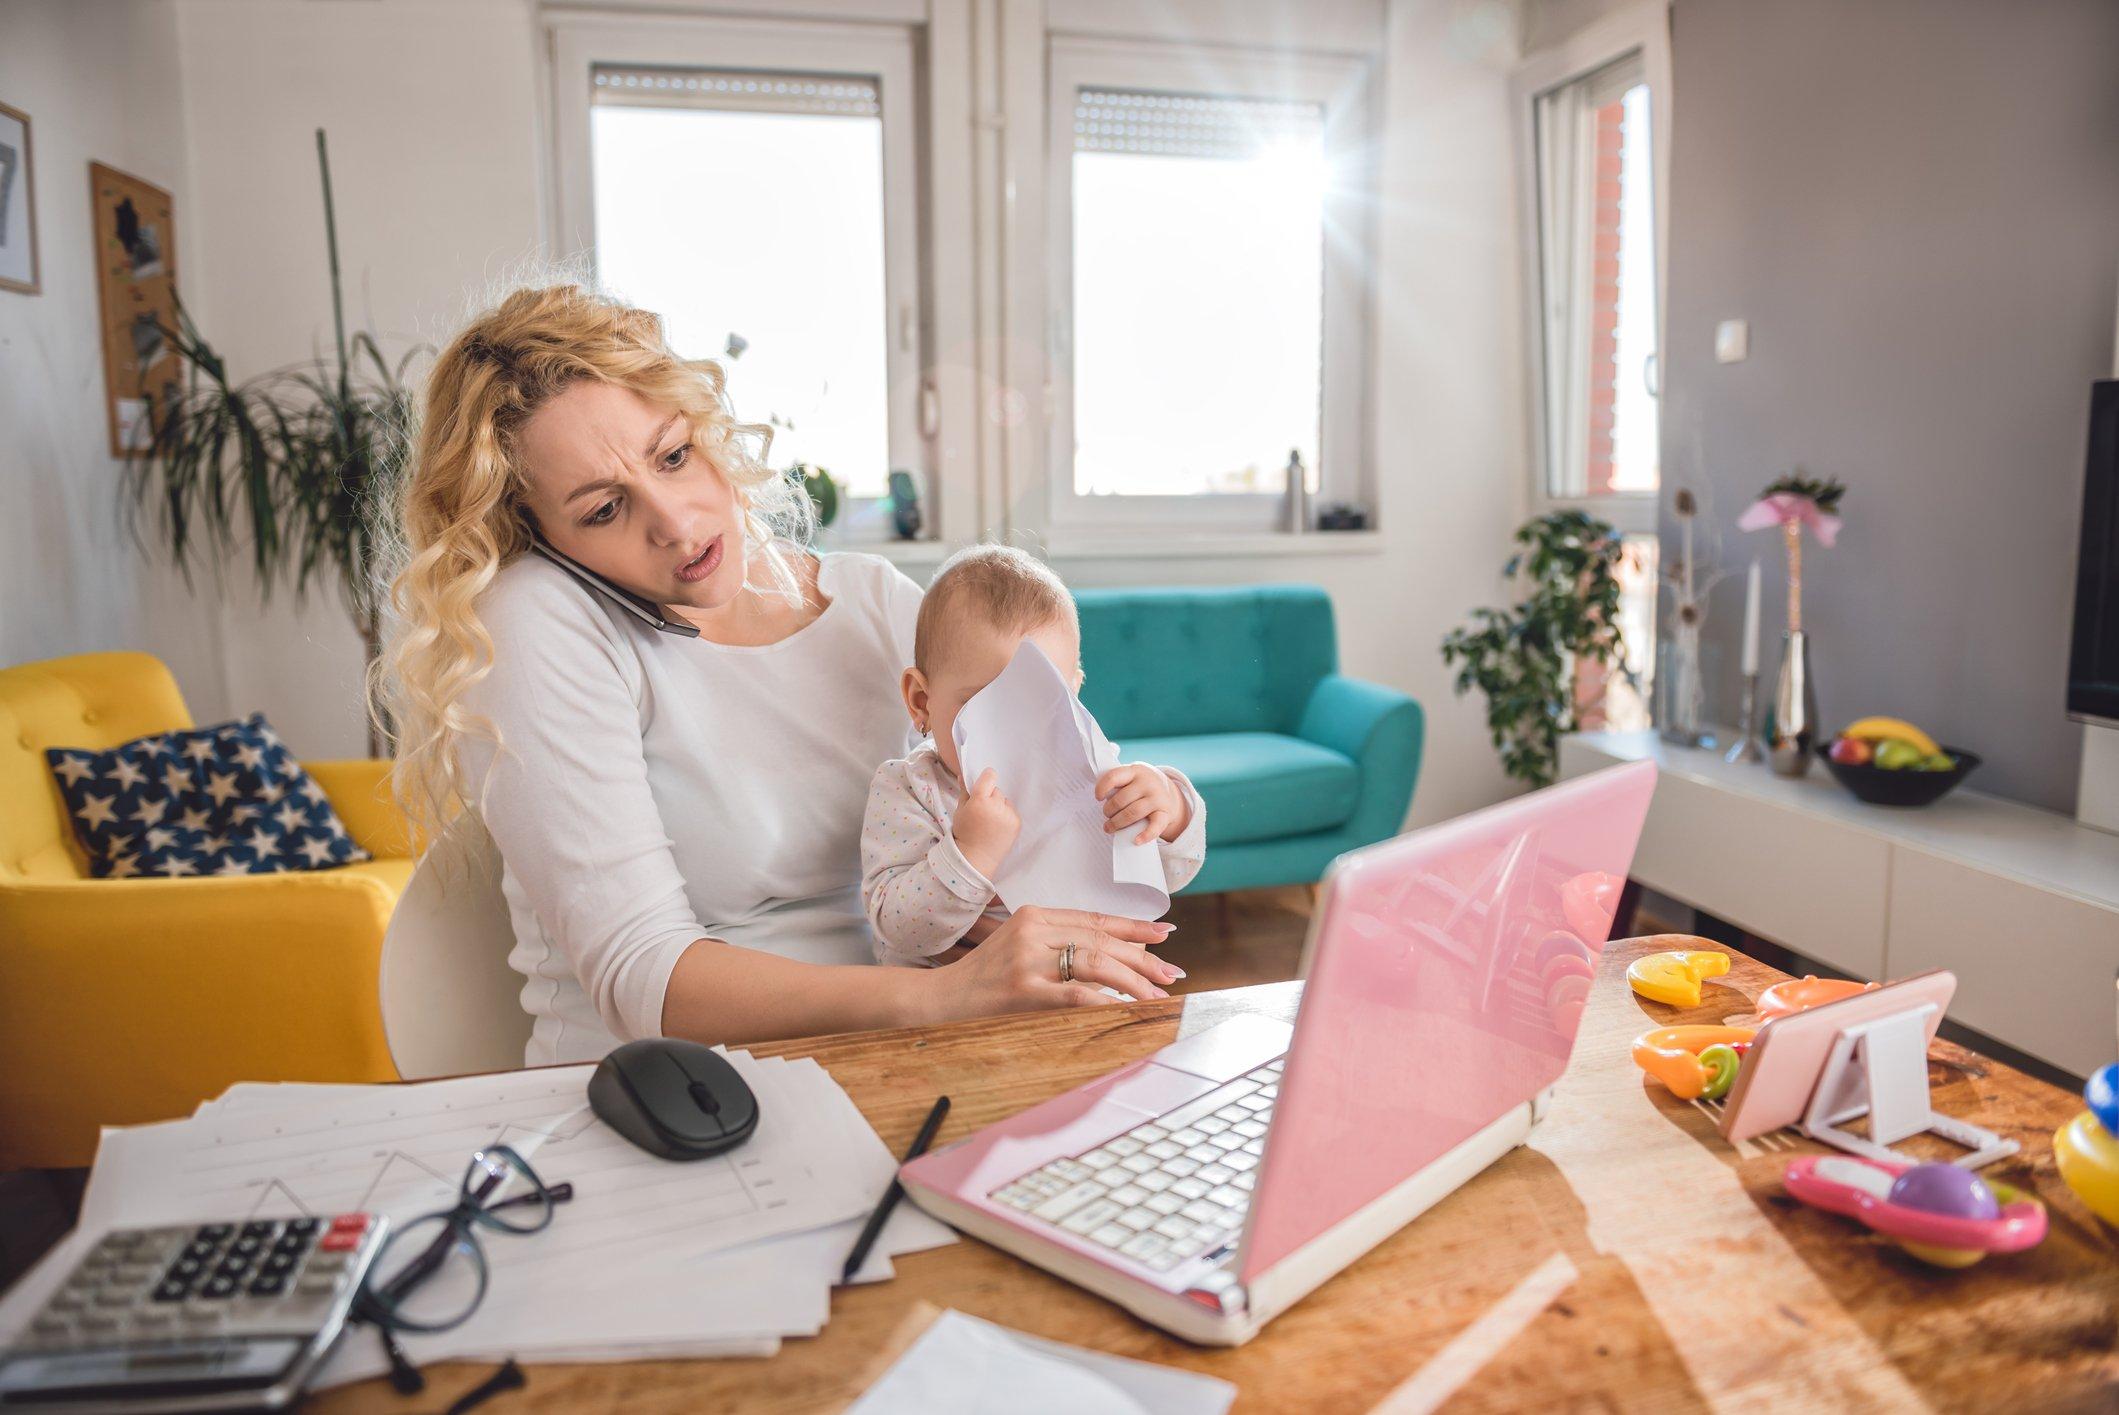 Una mujer con un bebé